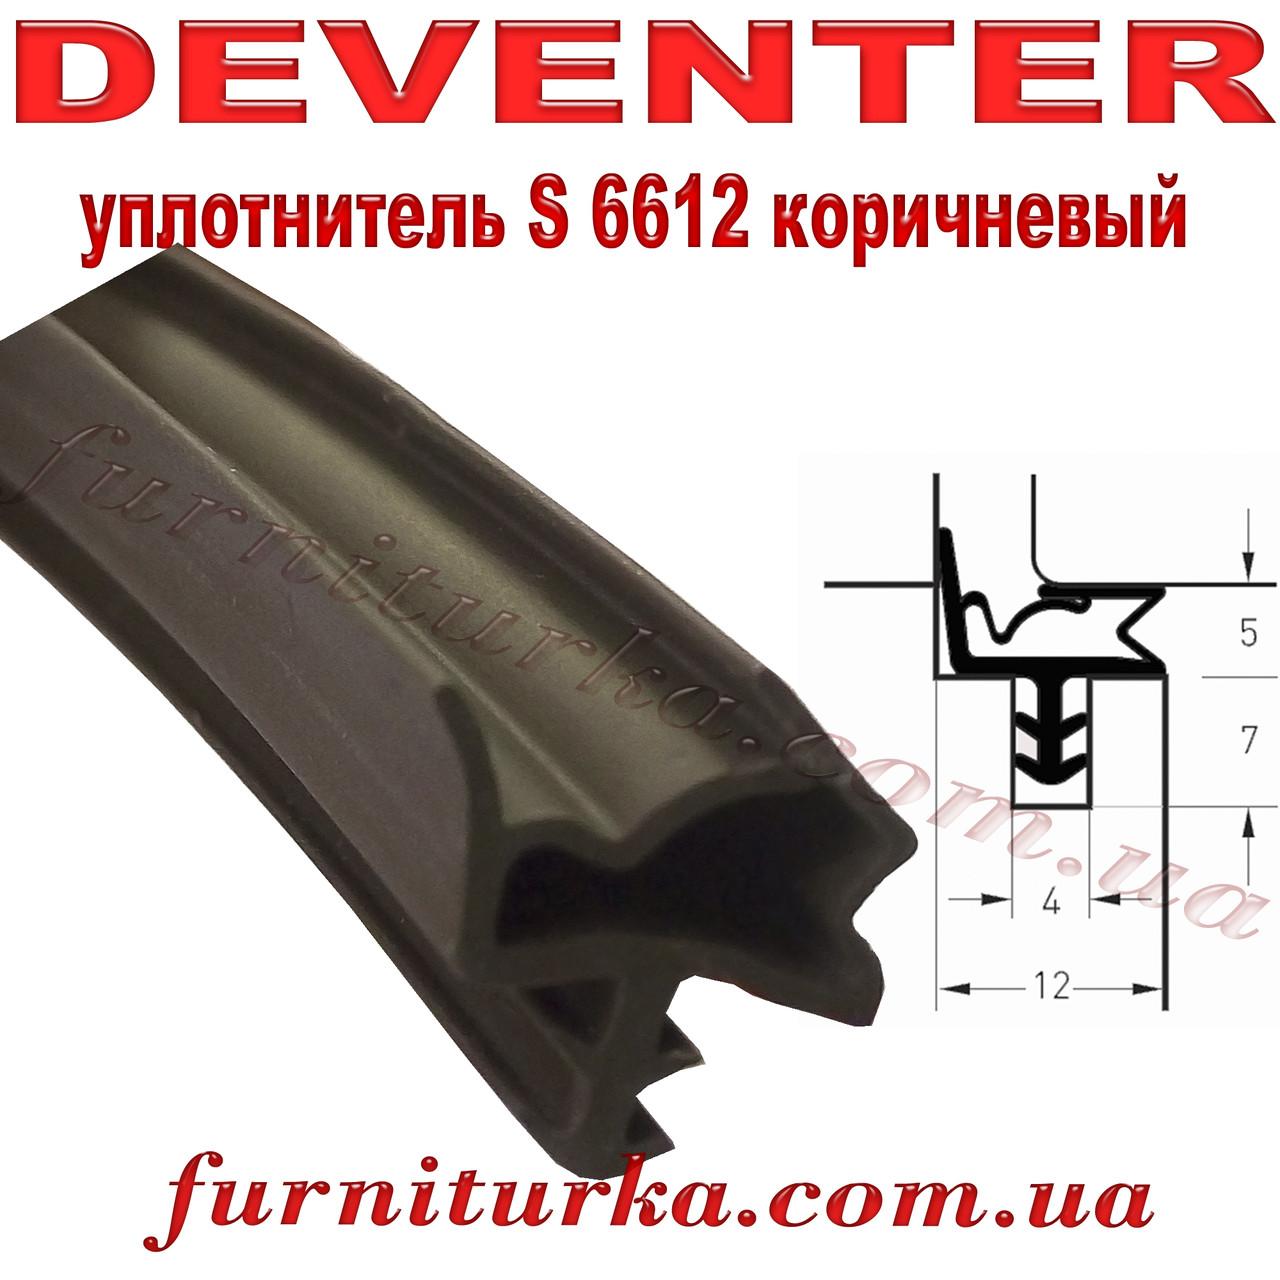 Уплотнитель дверной Deventer S 6612 коричневый